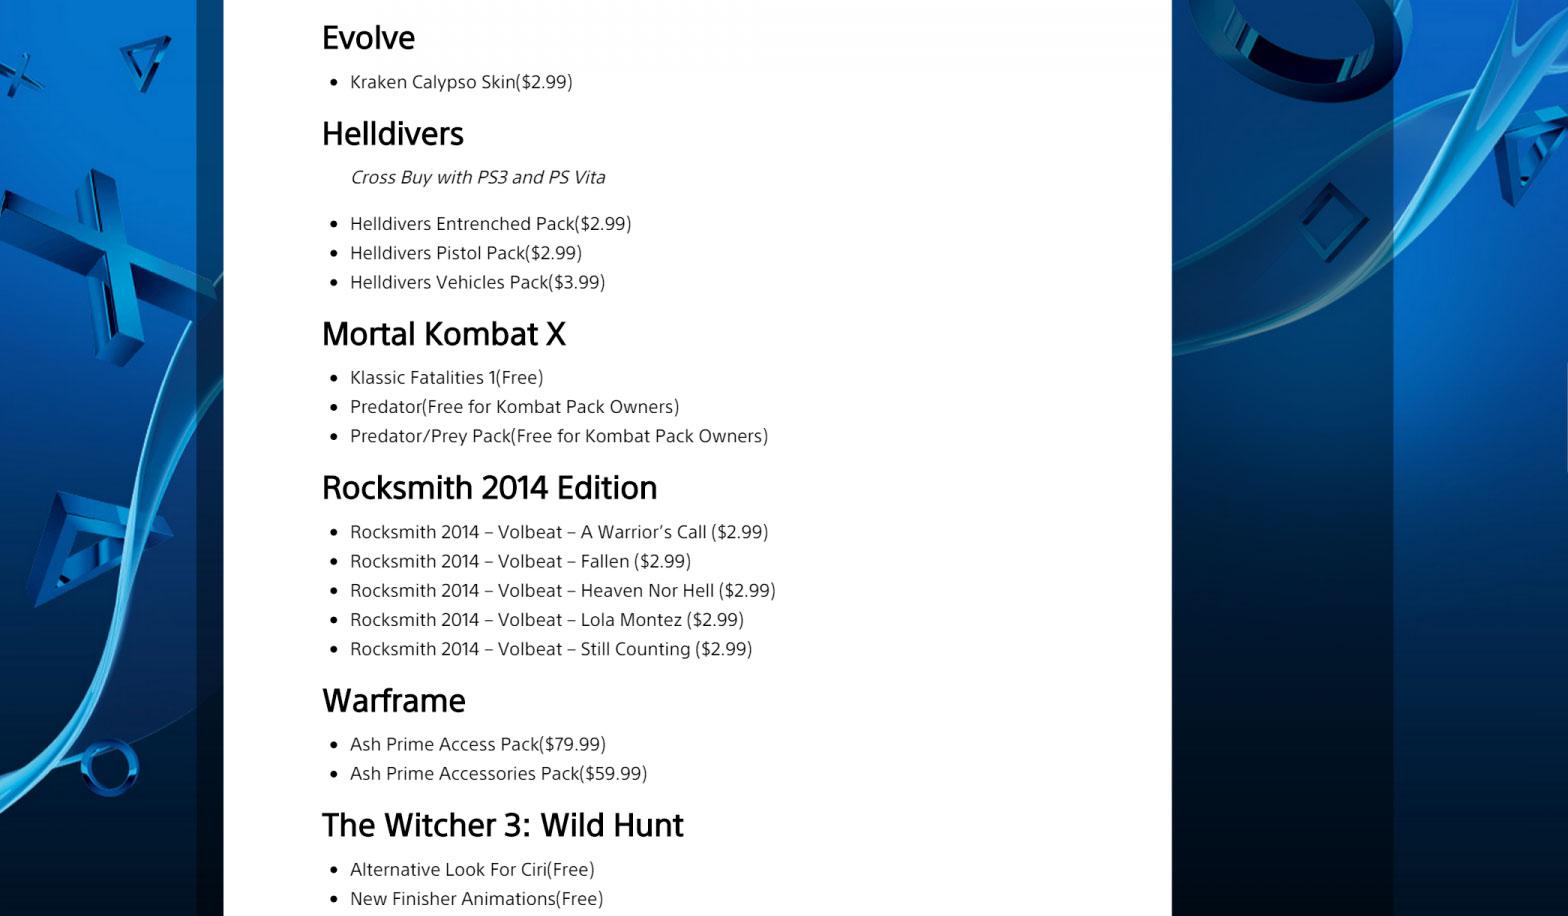 Wiedźmin 3: Dziki Gon - darmowe DLC